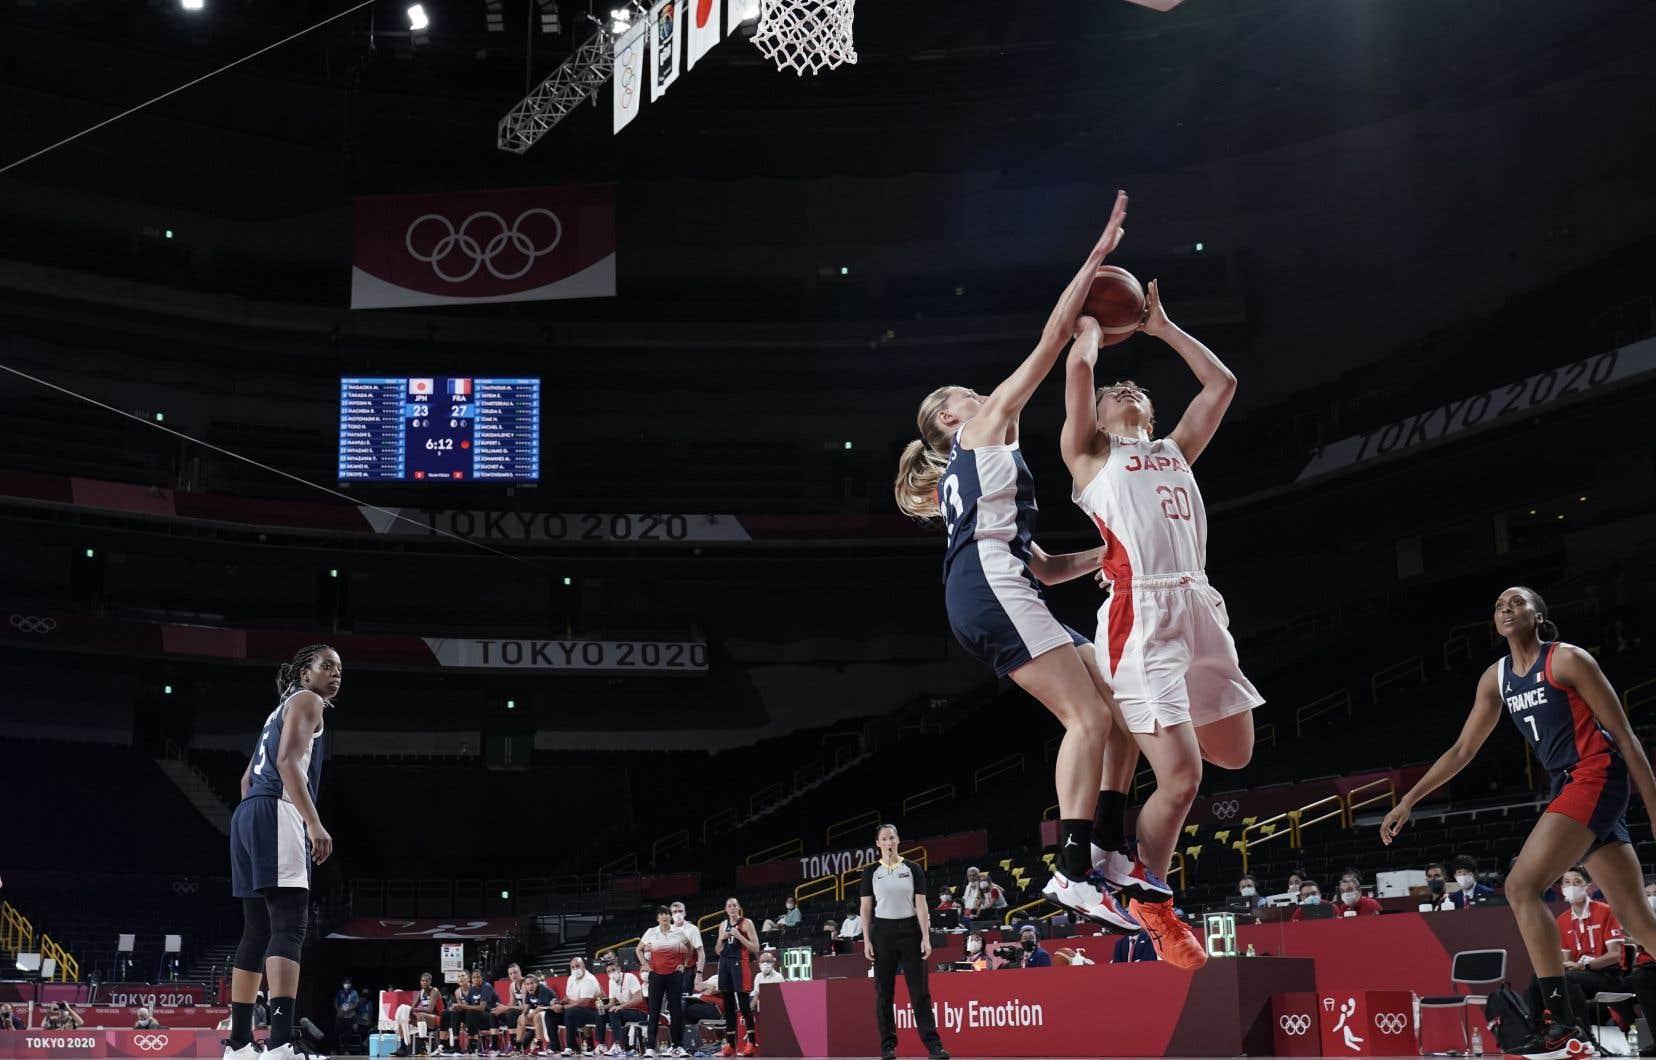 L'arbitre internationale Mariepier Malo (qui porte le chandail gris et noir sur la photo) était l'arbitre en chef mardi lors du match de basketball féminin opposant la France au Japon. Il s'agissait de son premier match aux Jeux.